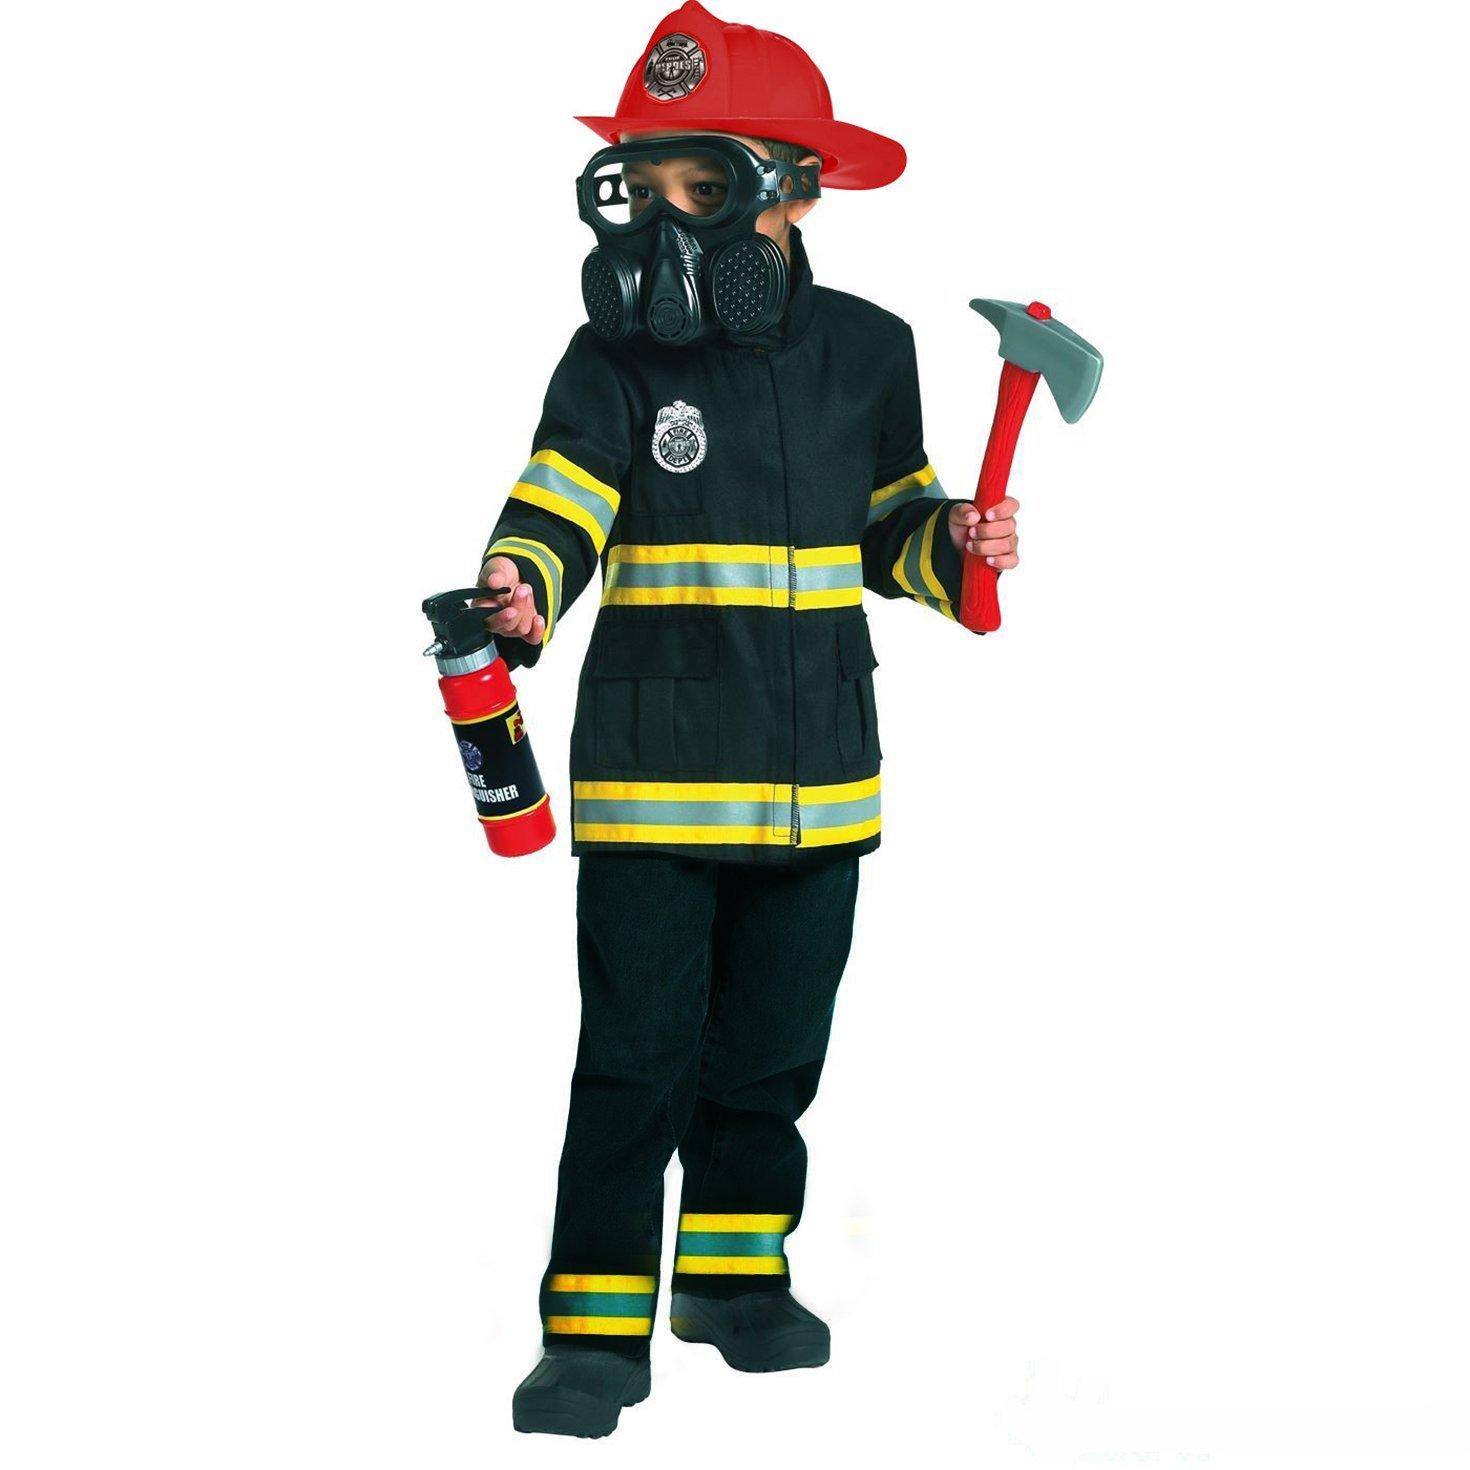 MORPH Disfraz de Bombero para niños Servicio de urgencias Uniforme para Bombero para niños Disfraz - Grande - (9 - 11 años)